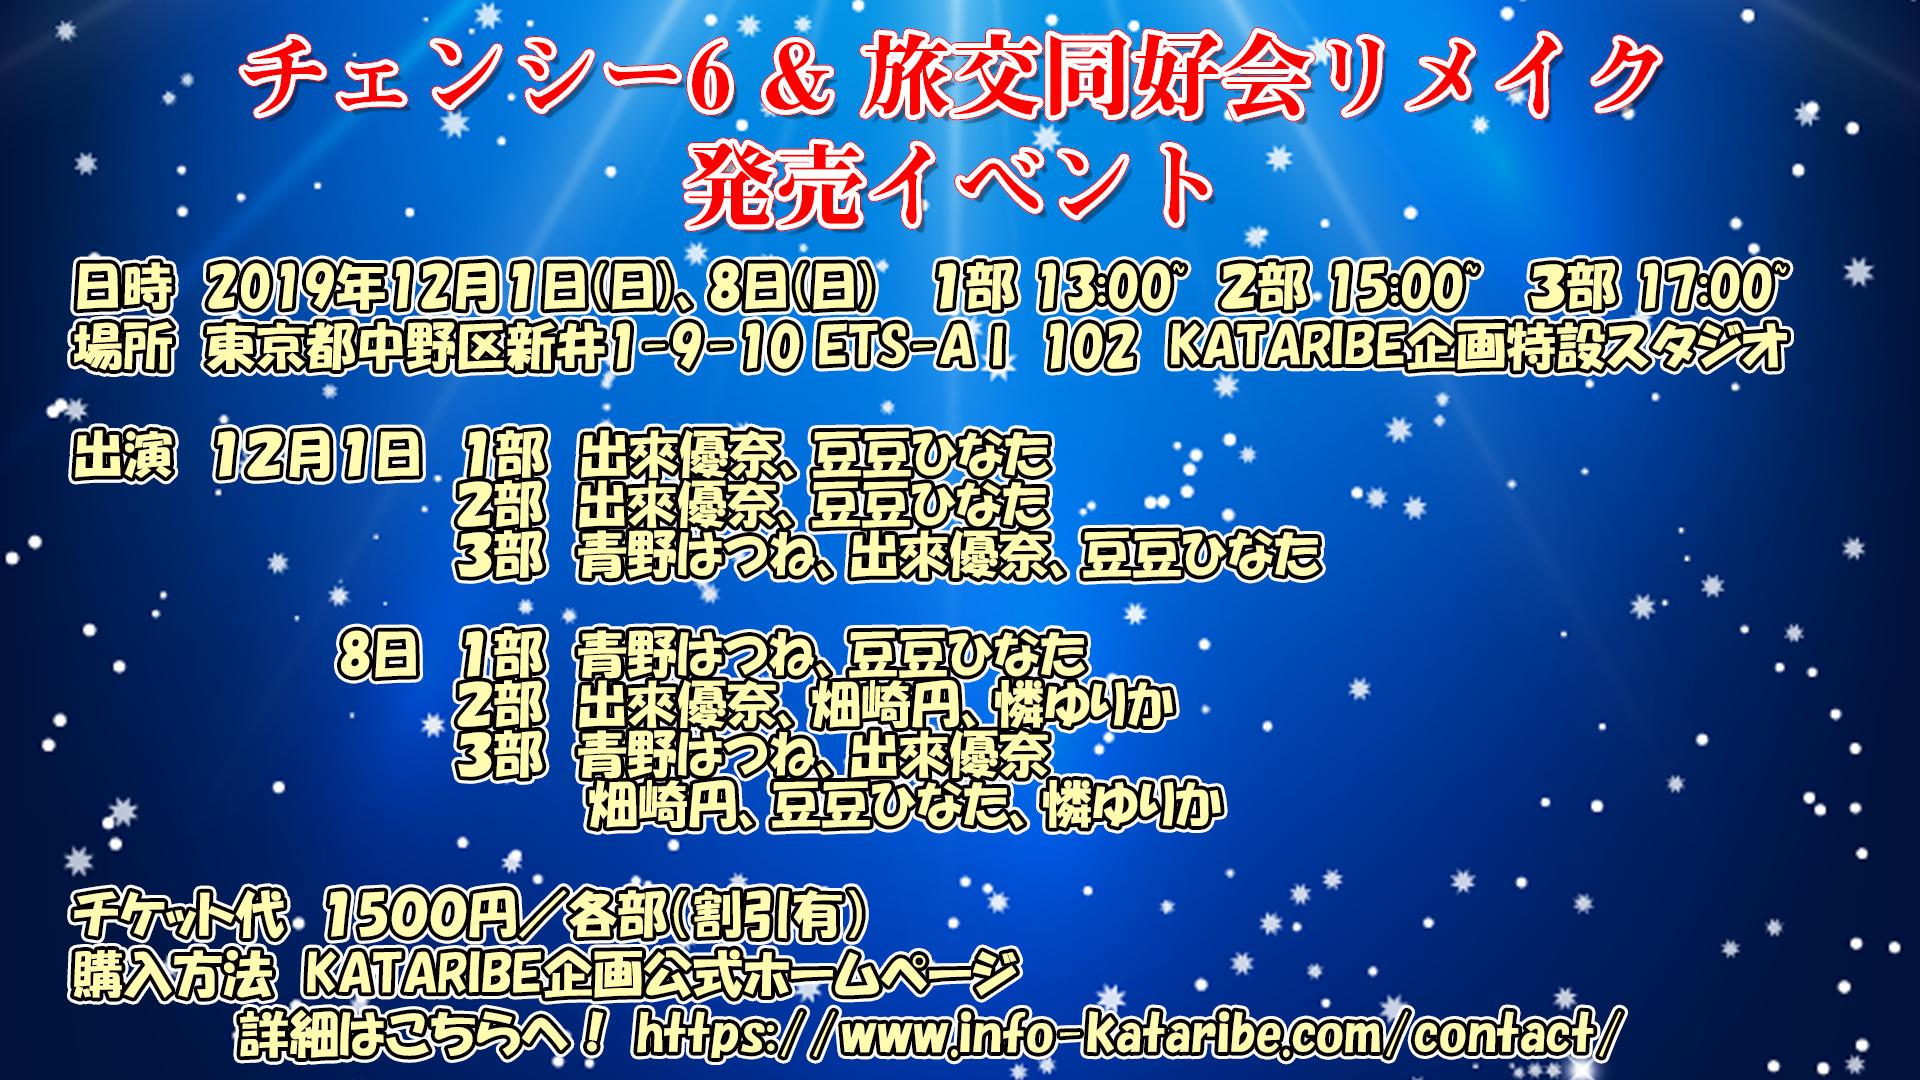 チェンシー6 & 旅交同好会リメイク 発売イベント